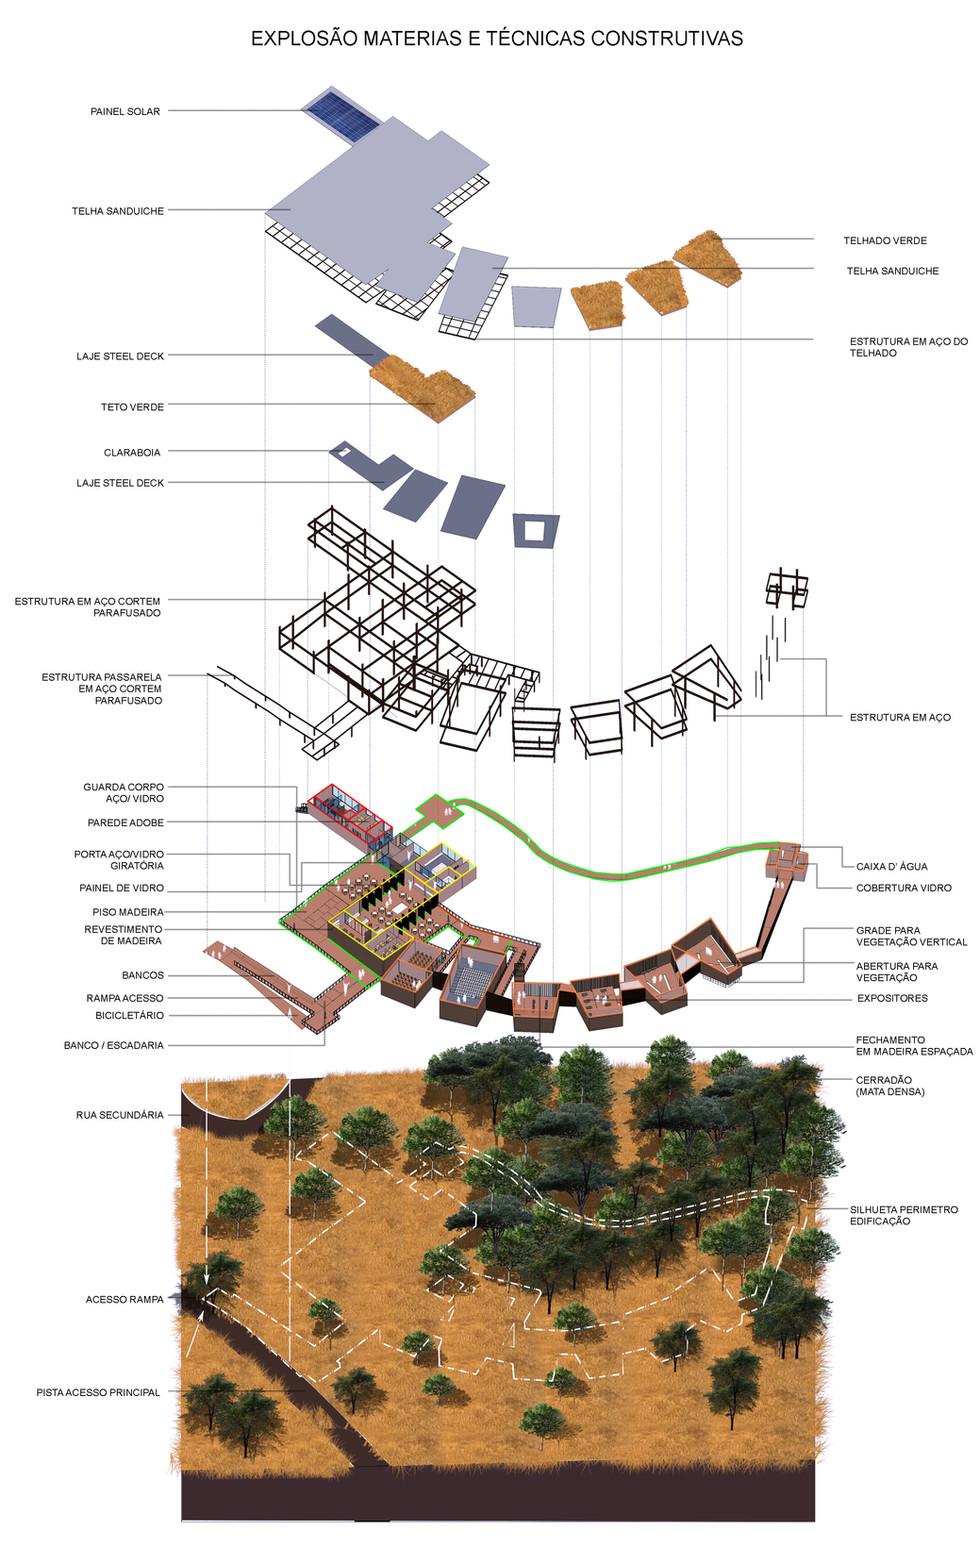 Explosão de Materiais e Técnicas Construtivas